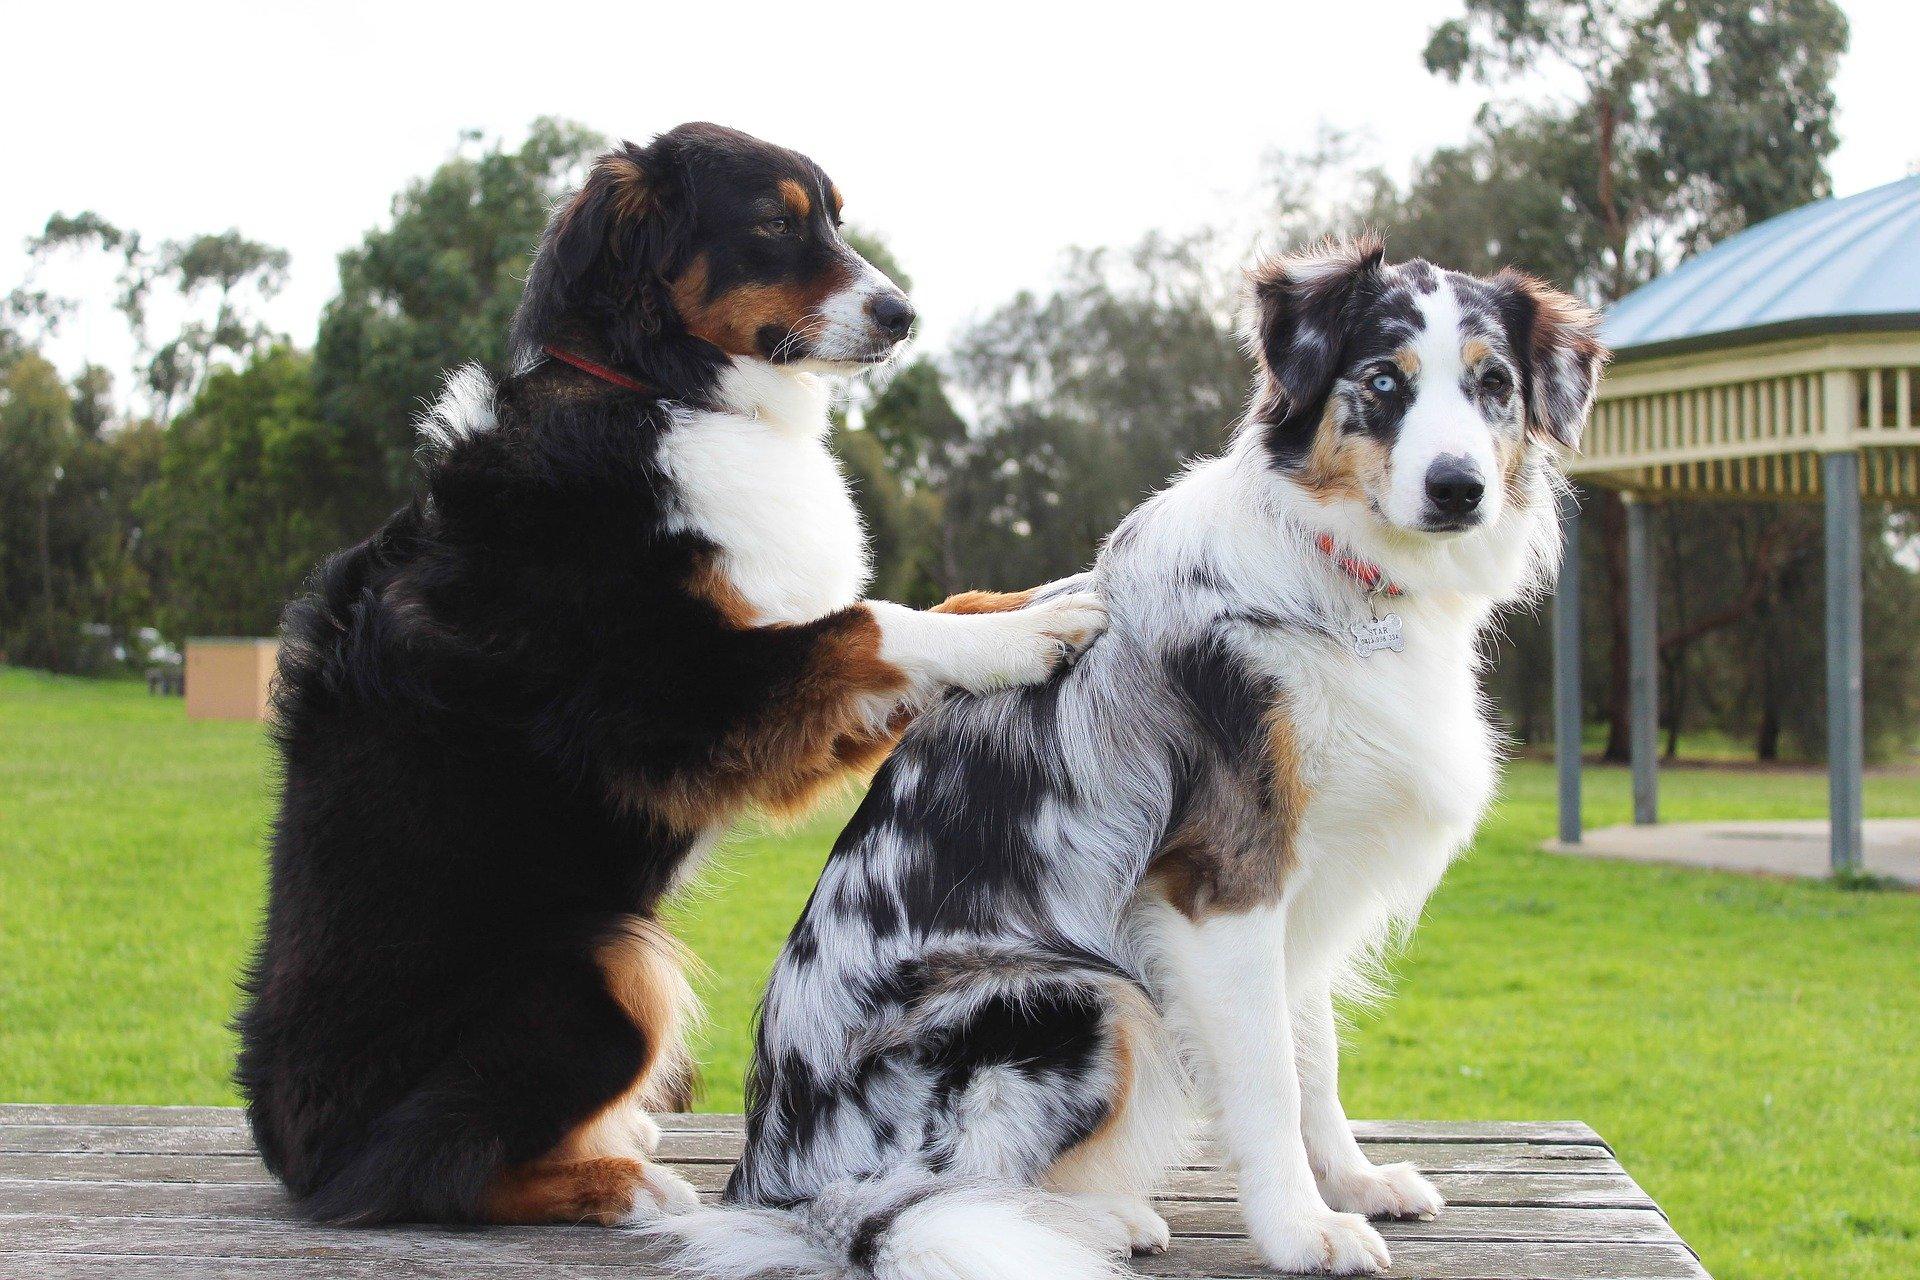 Los perros se quedan pegados durante el apareamiento